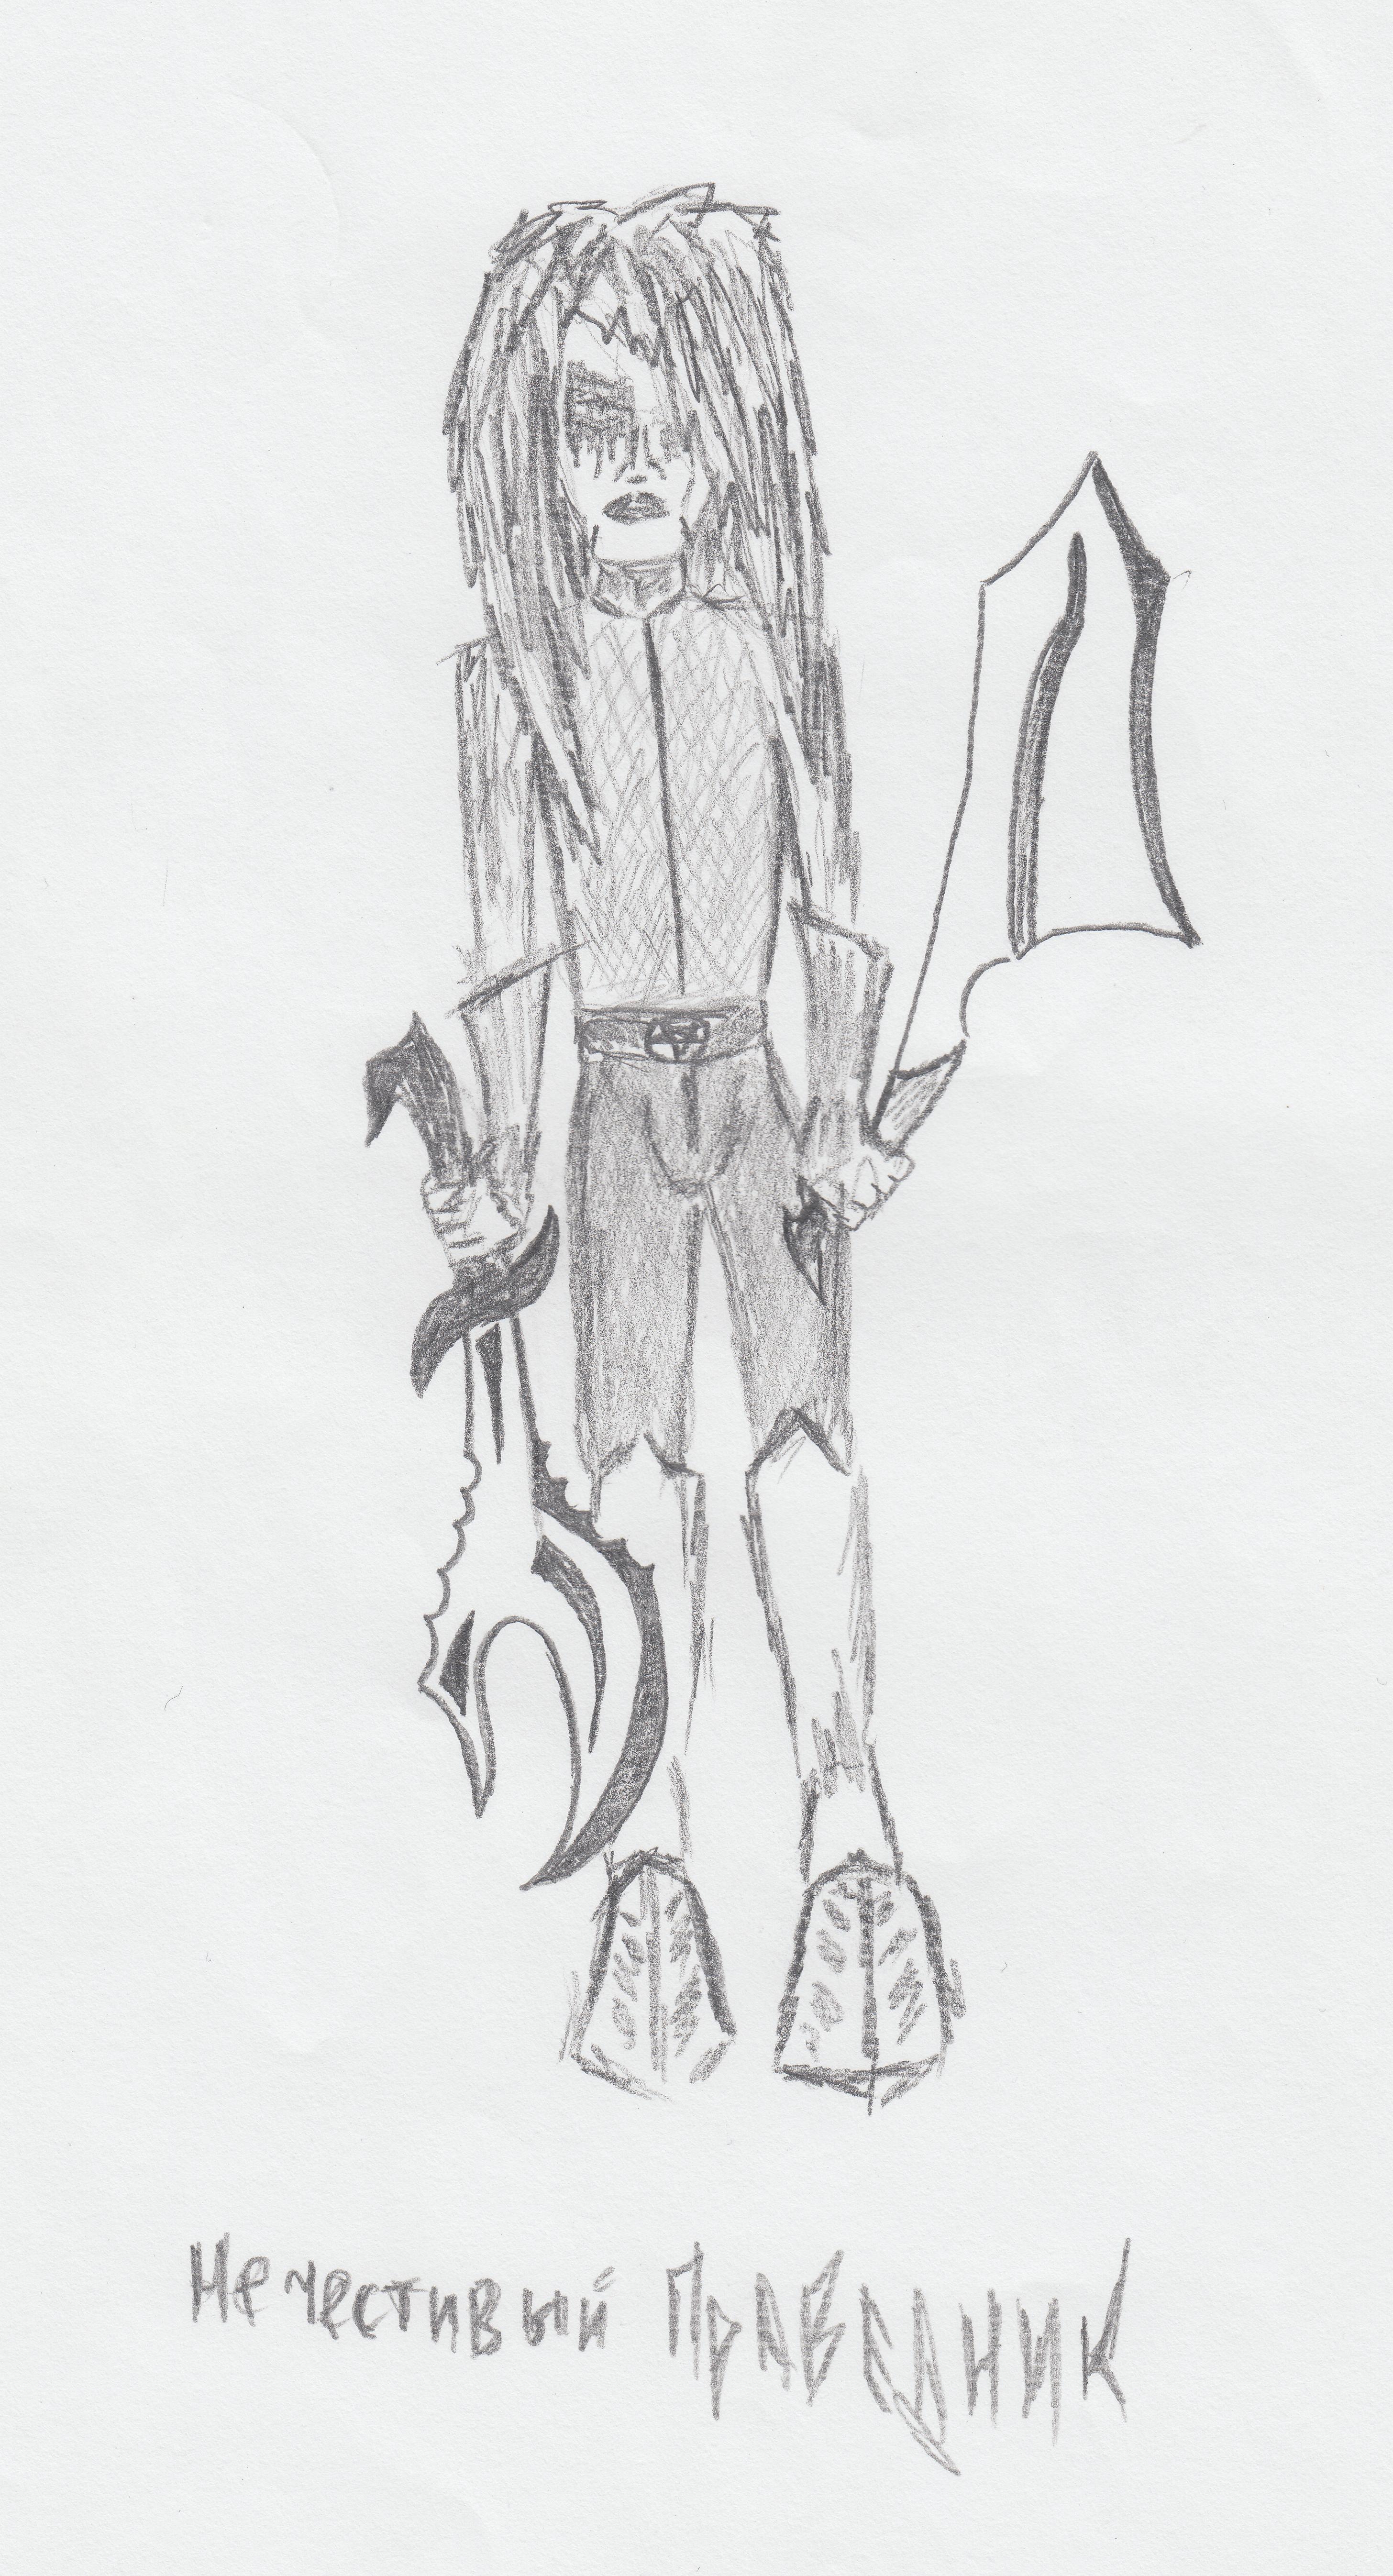 01 - Satanator by Apkx